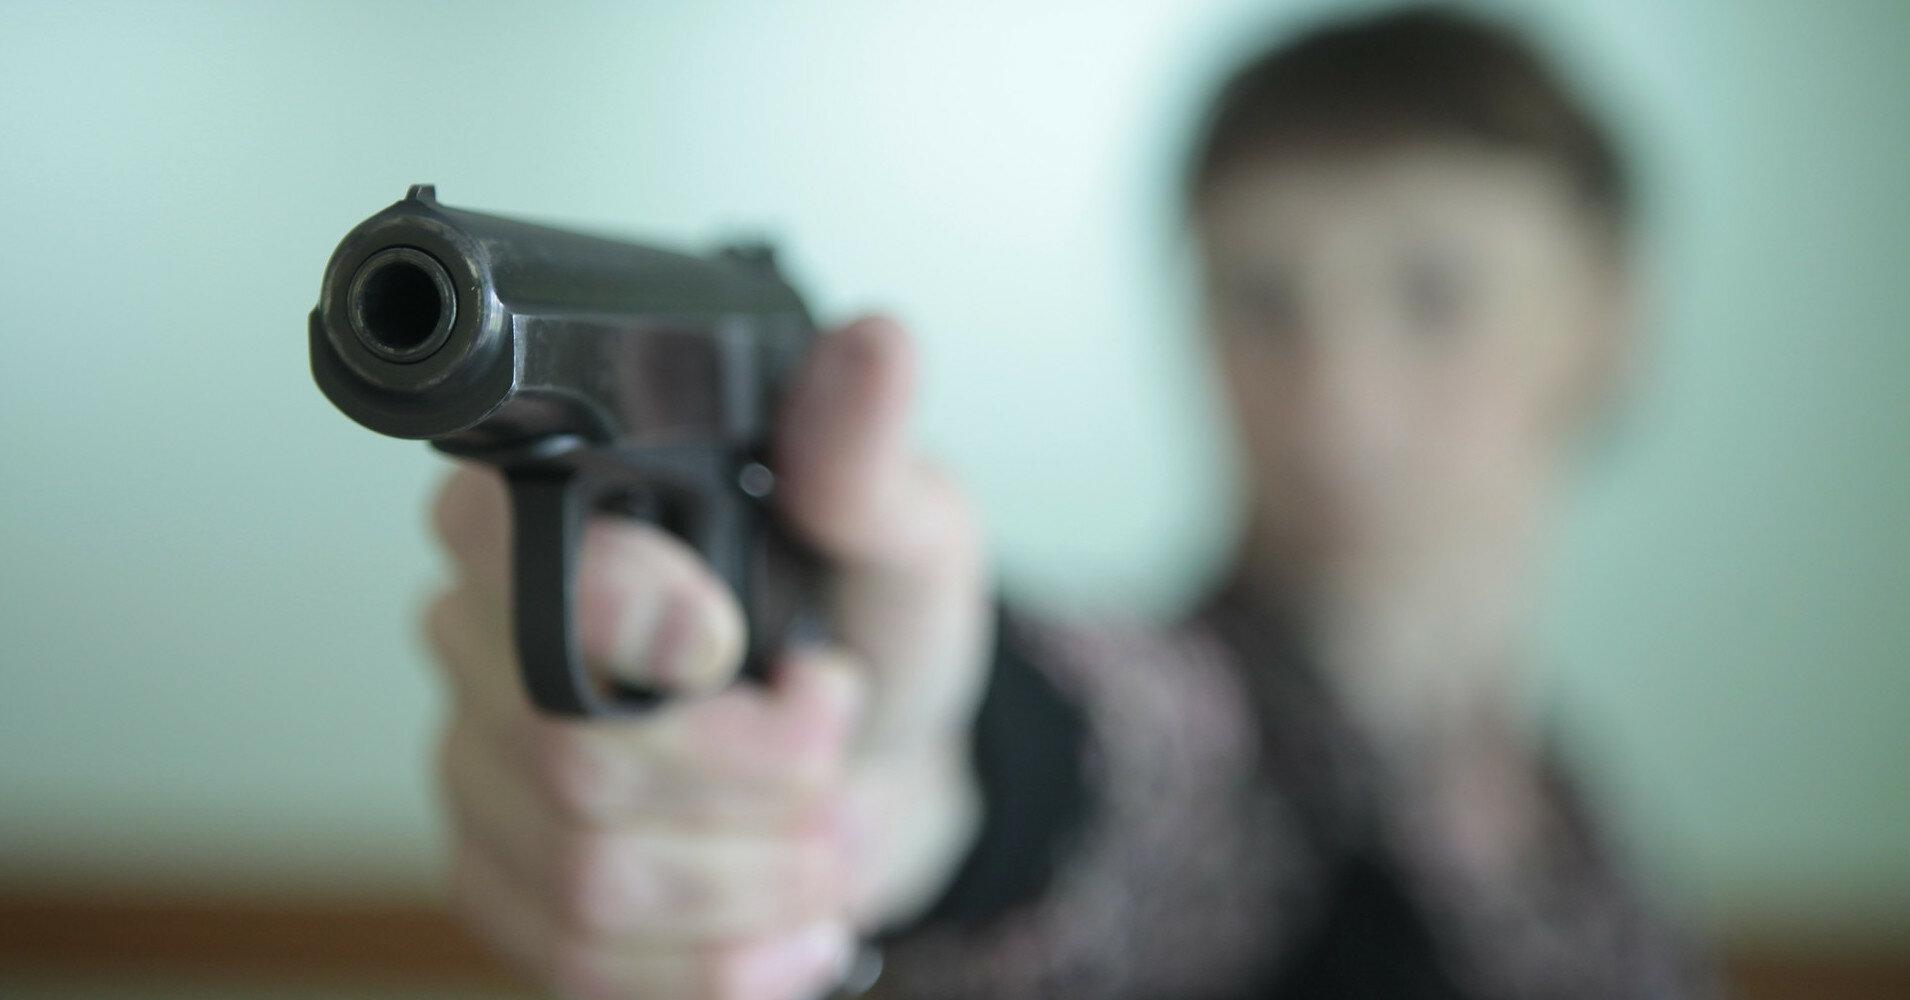 В Запорожье раскрыли похищение профессора, к которому причастен полицейский